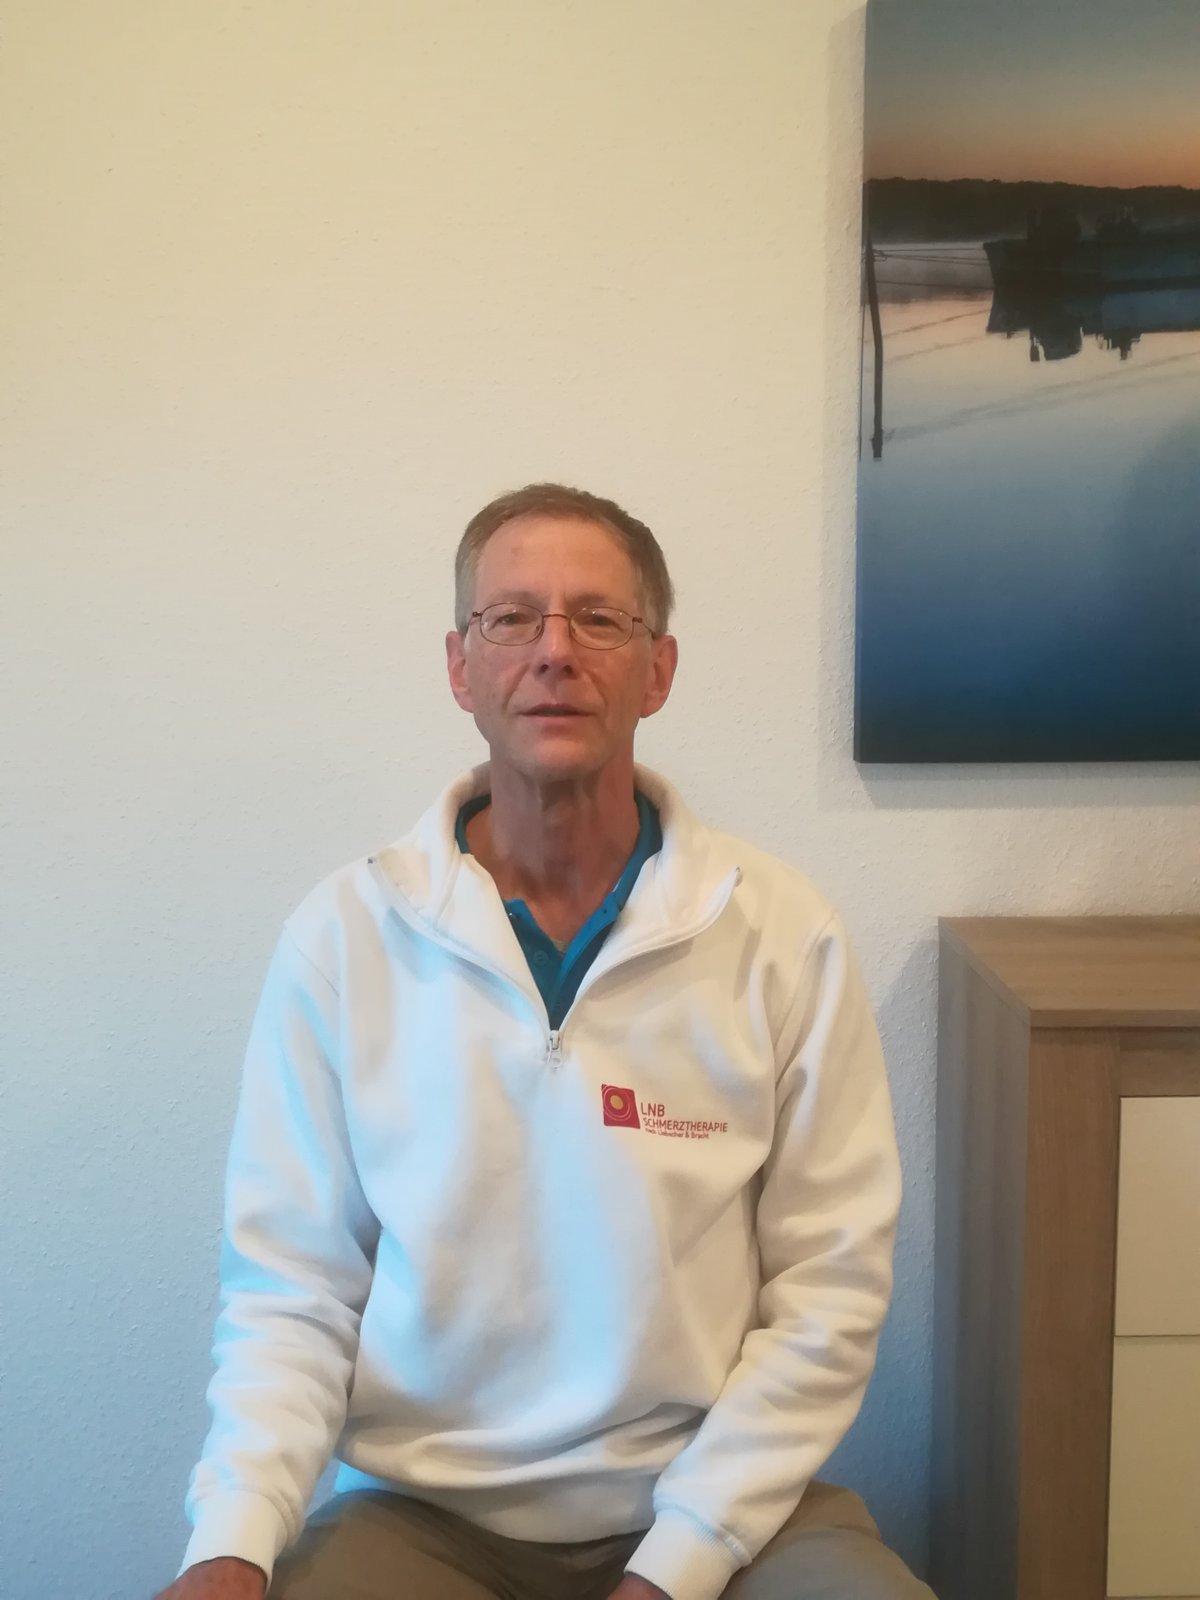 Das Bild zeigt Lothar Henk aus 26382 Wilhelmshaven. Er sitzt auf einem Stuhl vor einer hellen Wand. Am rechten Bildrand ist ein Bild und ein Regal zu erkennen. Lothar Henk hat hellgraues Haar und trägt eine eckige Brille. Auf dem Bild trägt er einen weiße